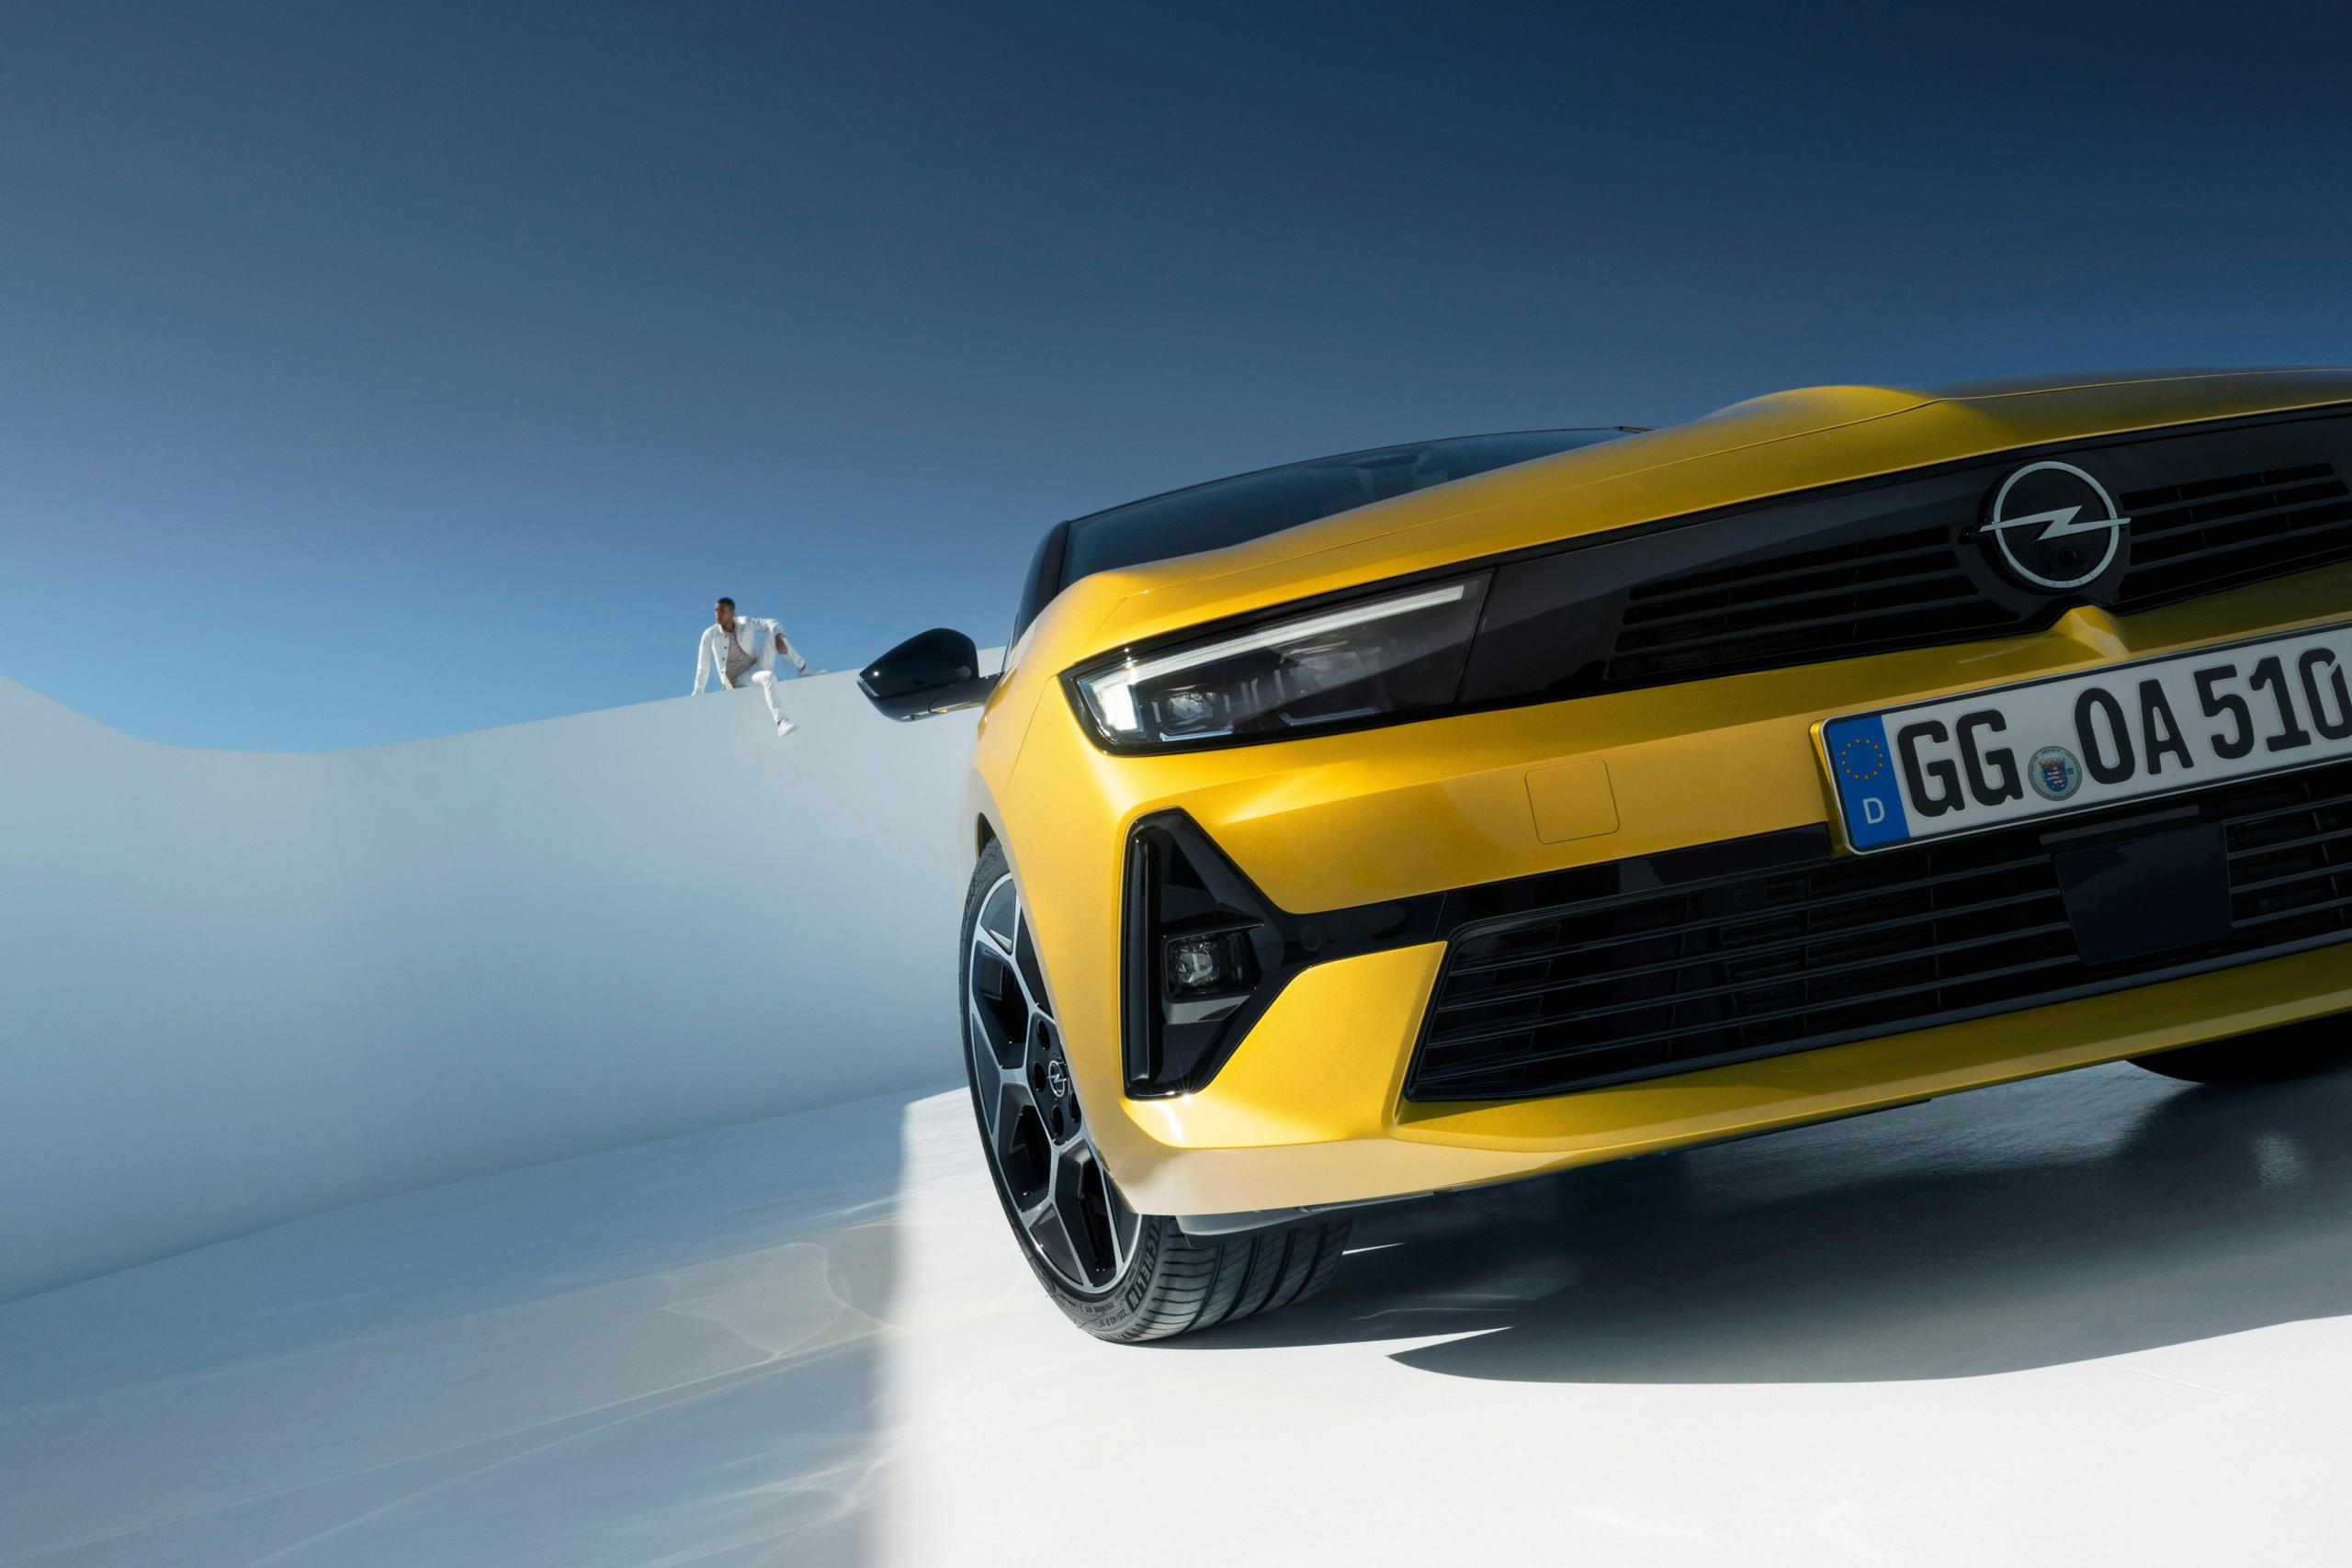 Fotos alta definición Opel Astra L  17-ope10